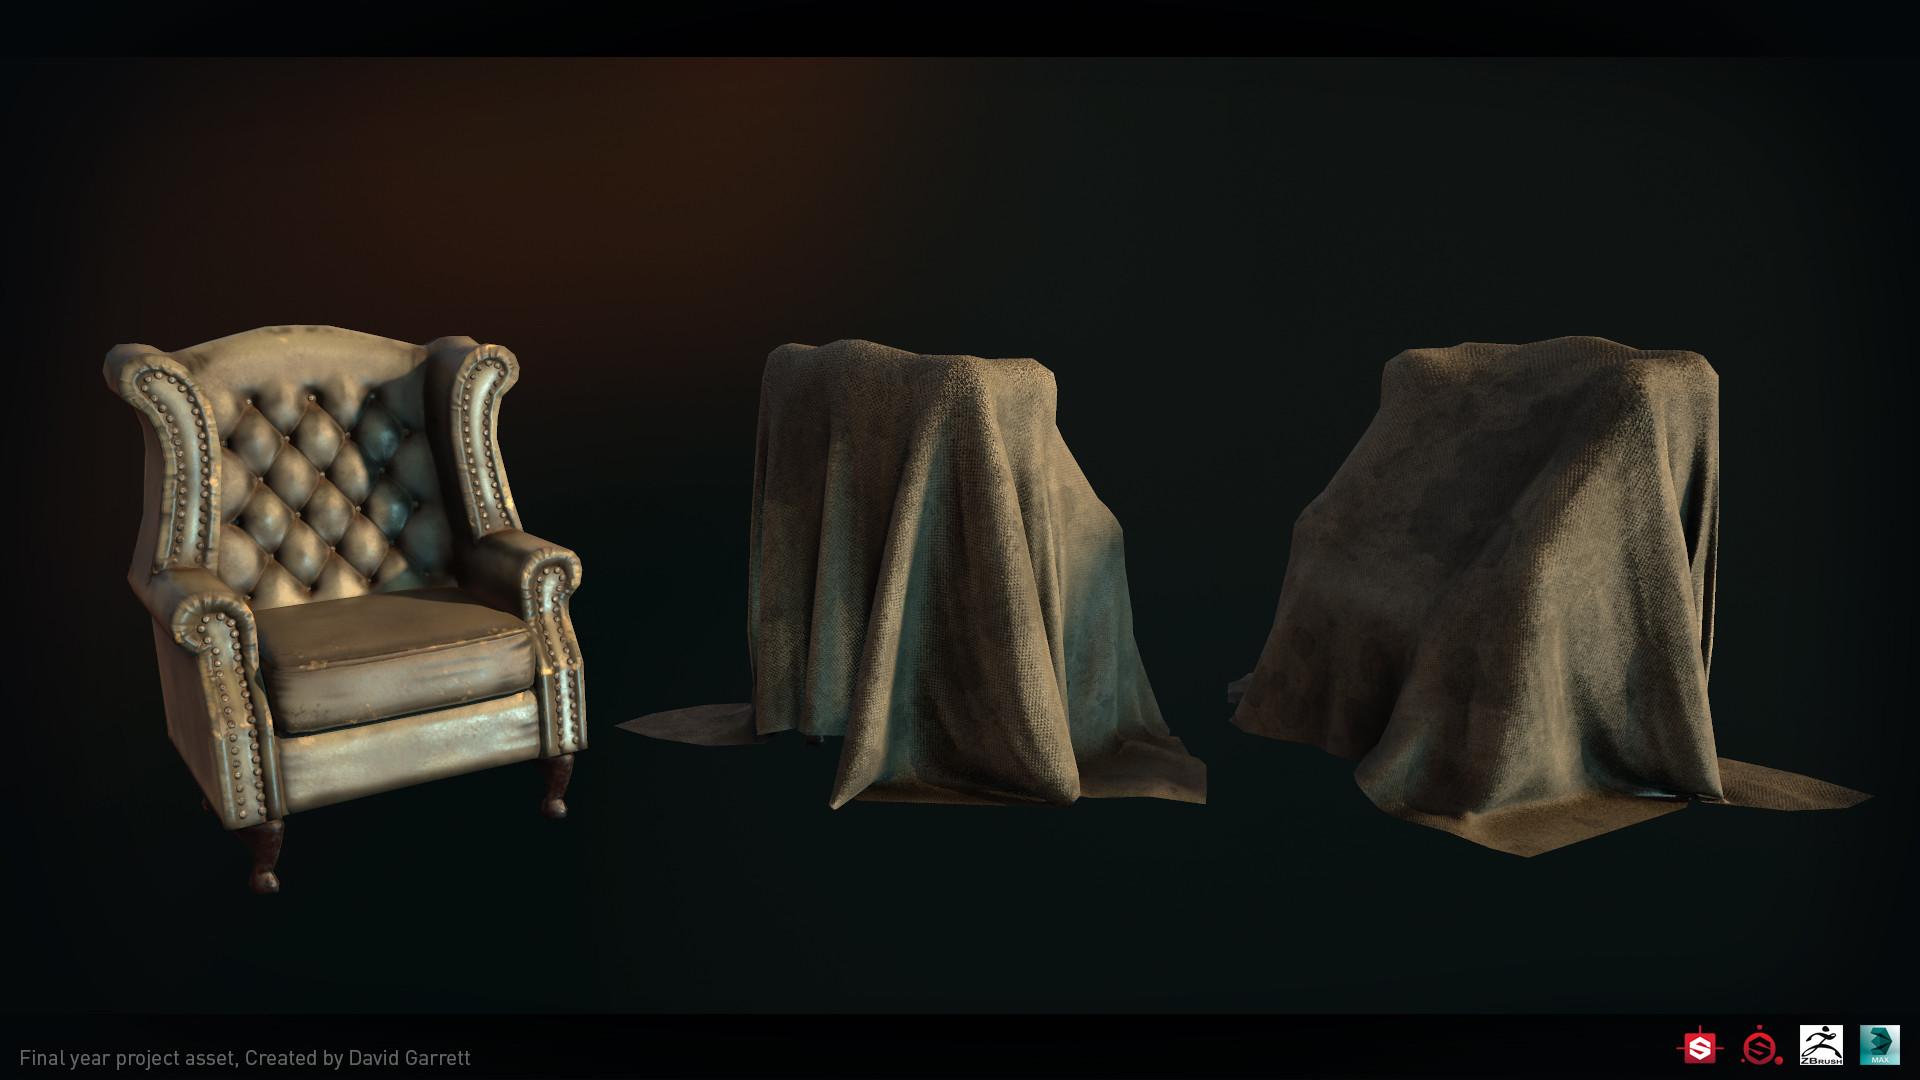 David garrett n3094311 asset shot chair